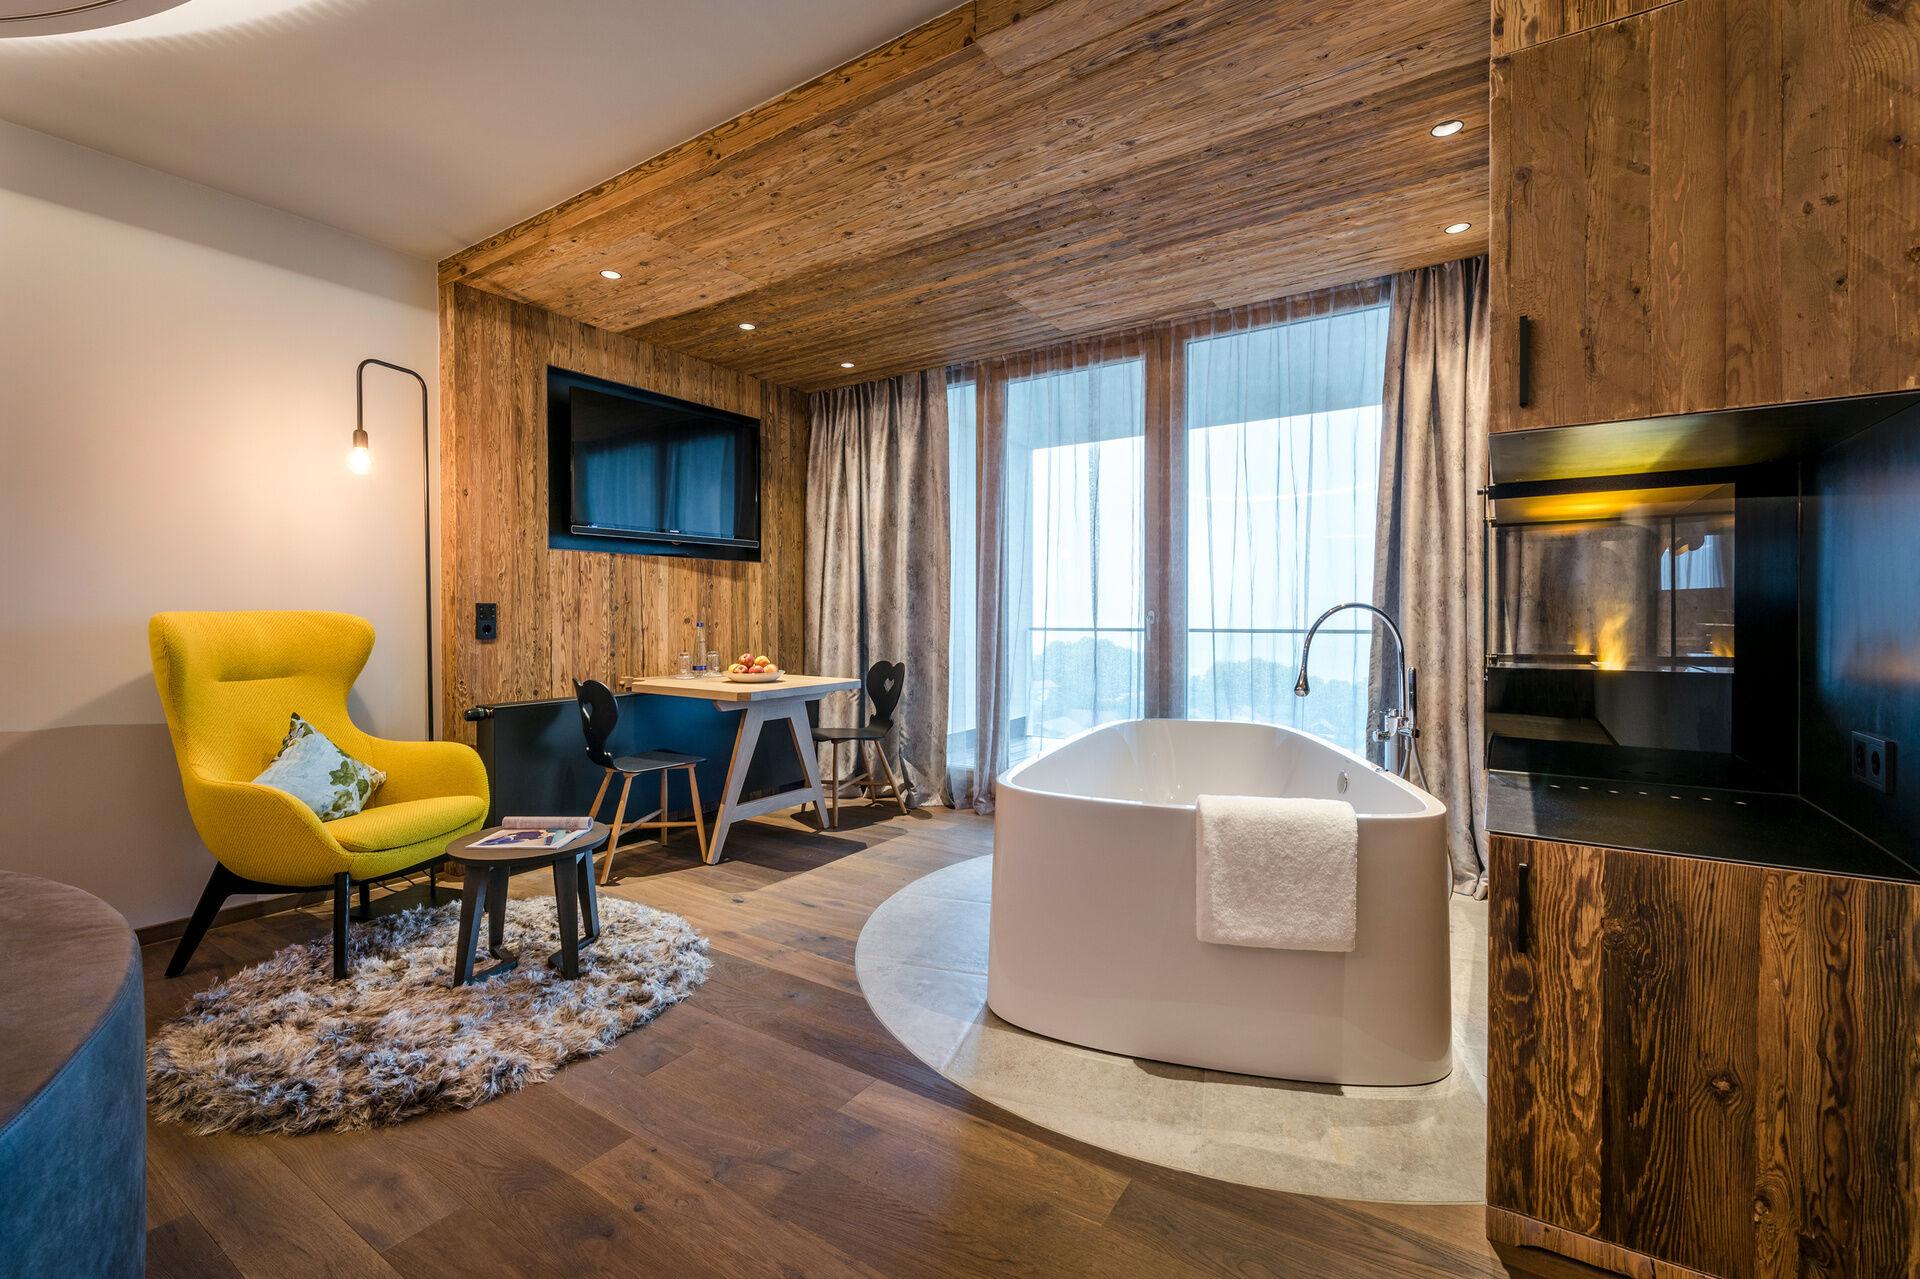 Romantik suite im hotel mit whirlpool im zimmer for Zimmer mit whirlpool bayern